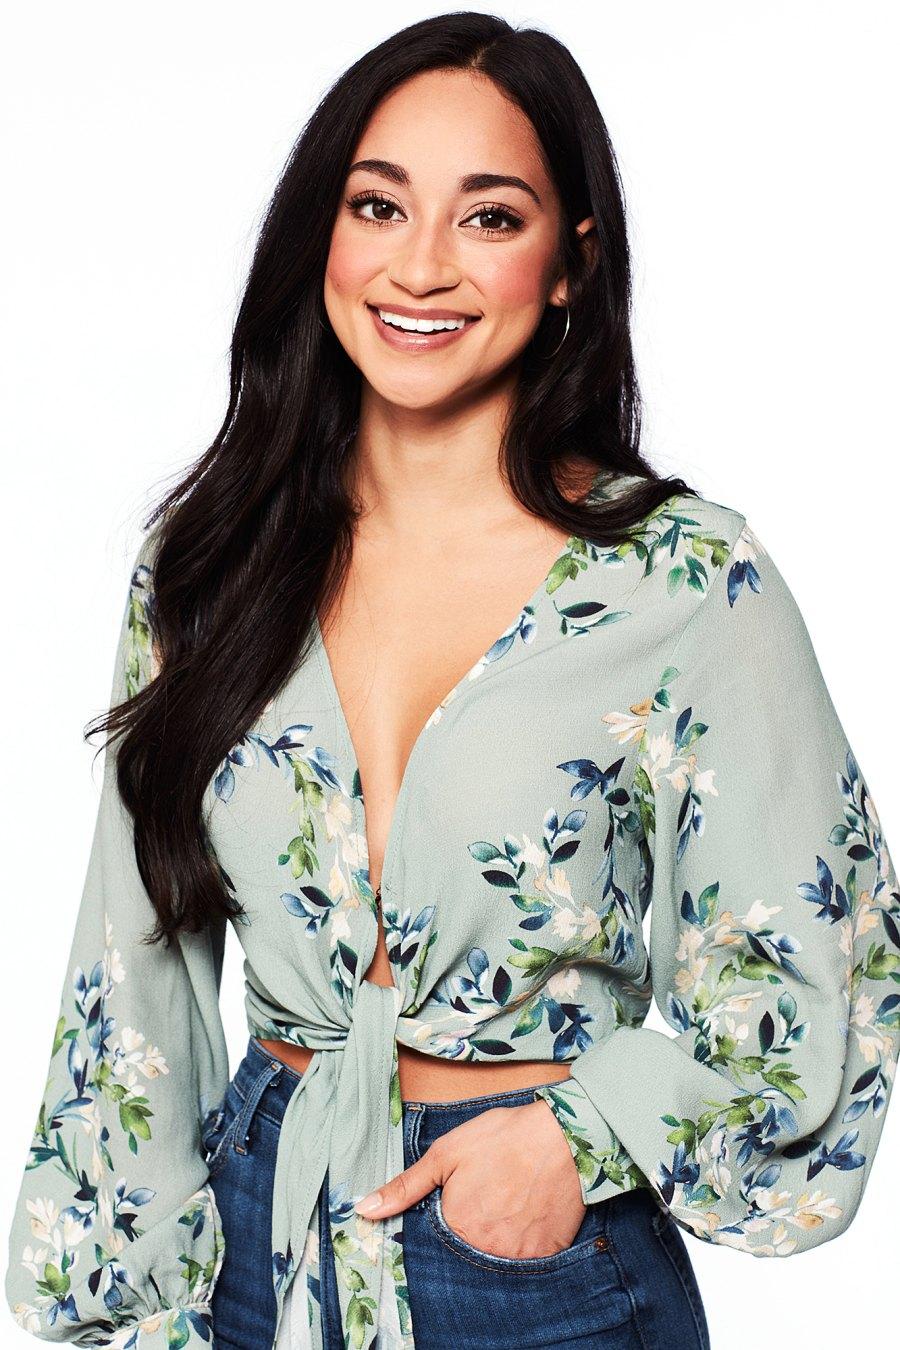 Victoria-Fuller